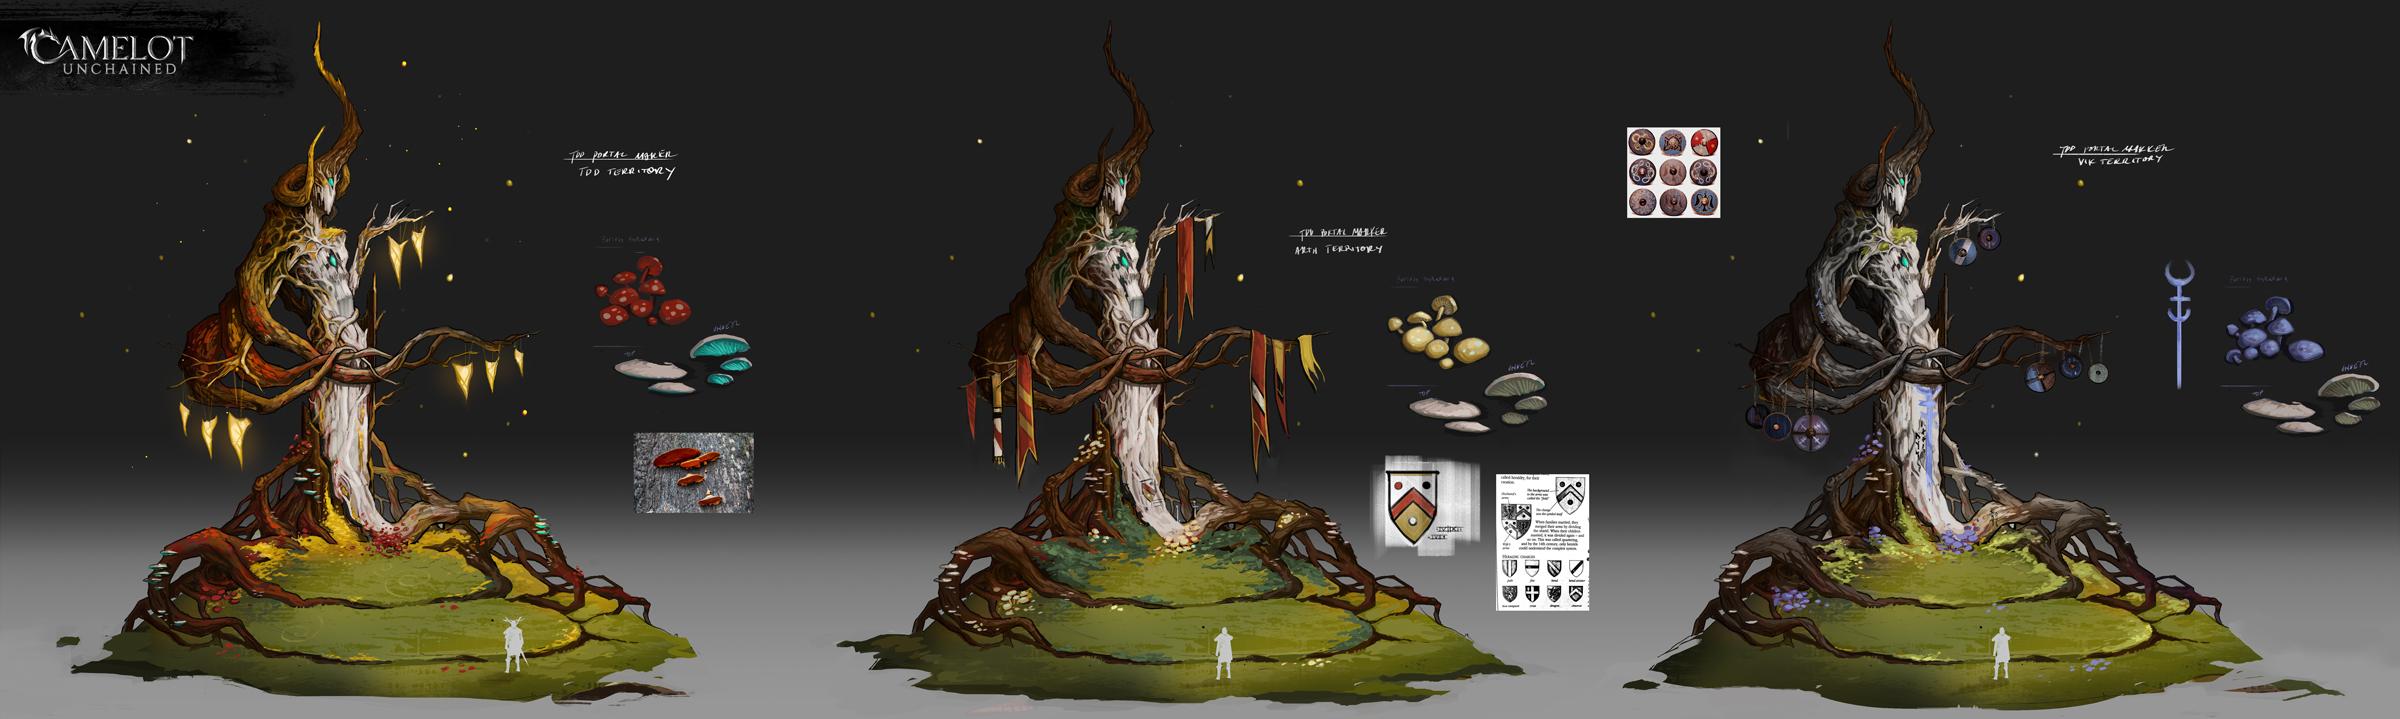 ttd_portalmarker_realms_2400